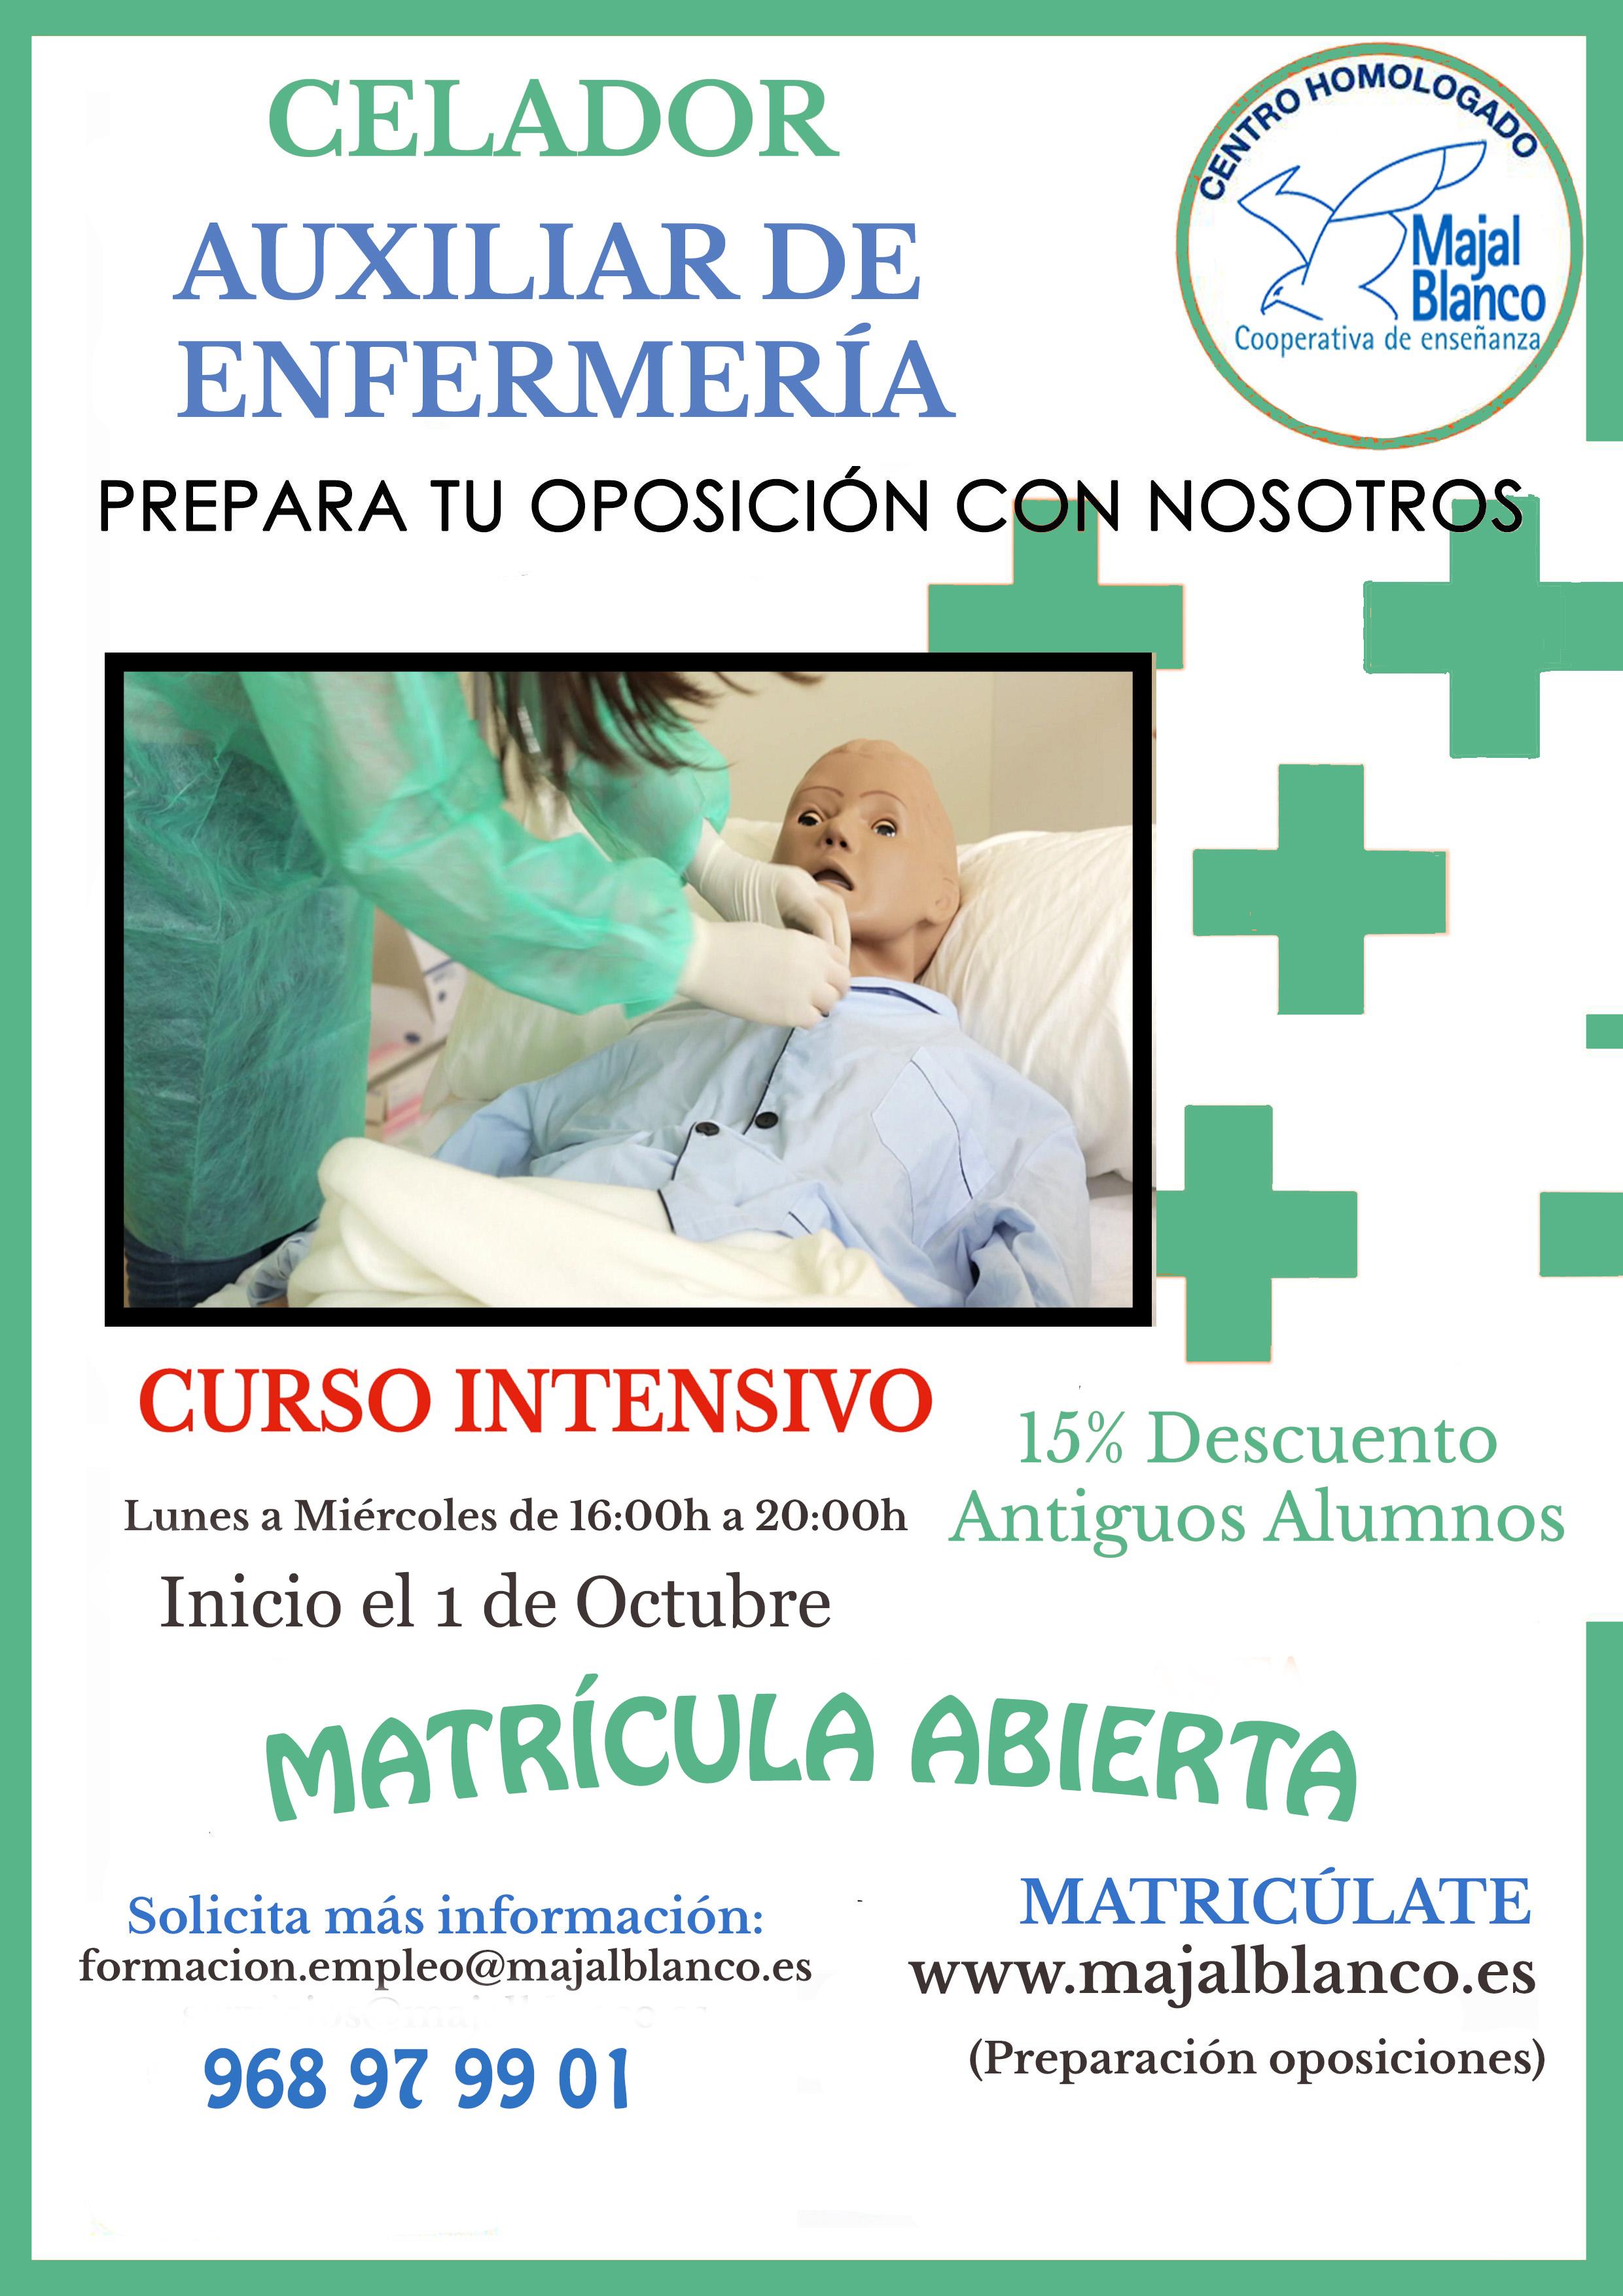 Preparación de Oposiciones Auxiliar de Enfermería y Celador